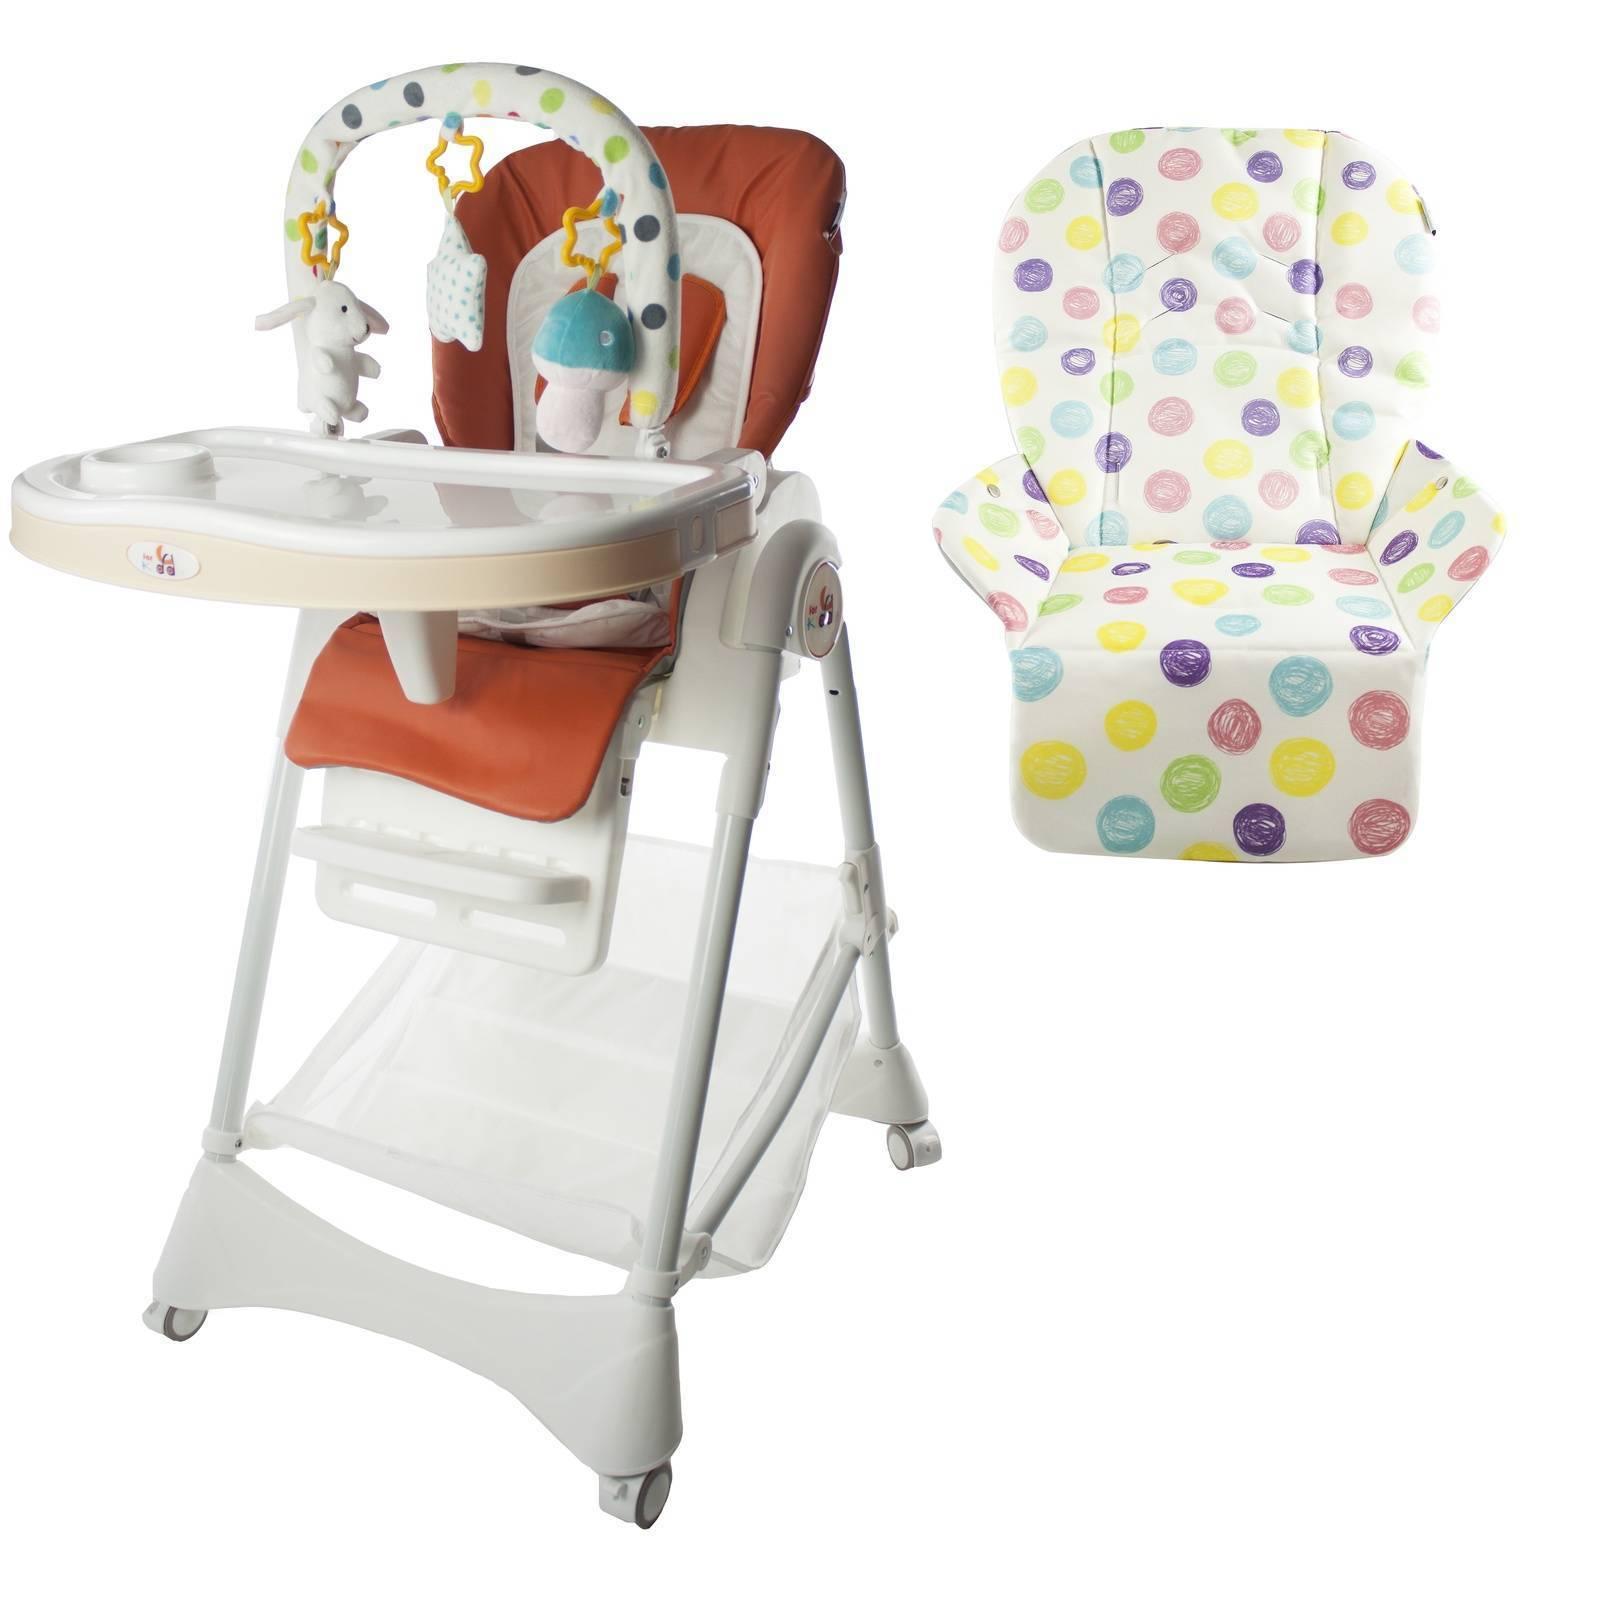 Как выбрать многофункциональный стульчик для кормления. выбираем многофункциональный стульчик для кормления - советы родителям